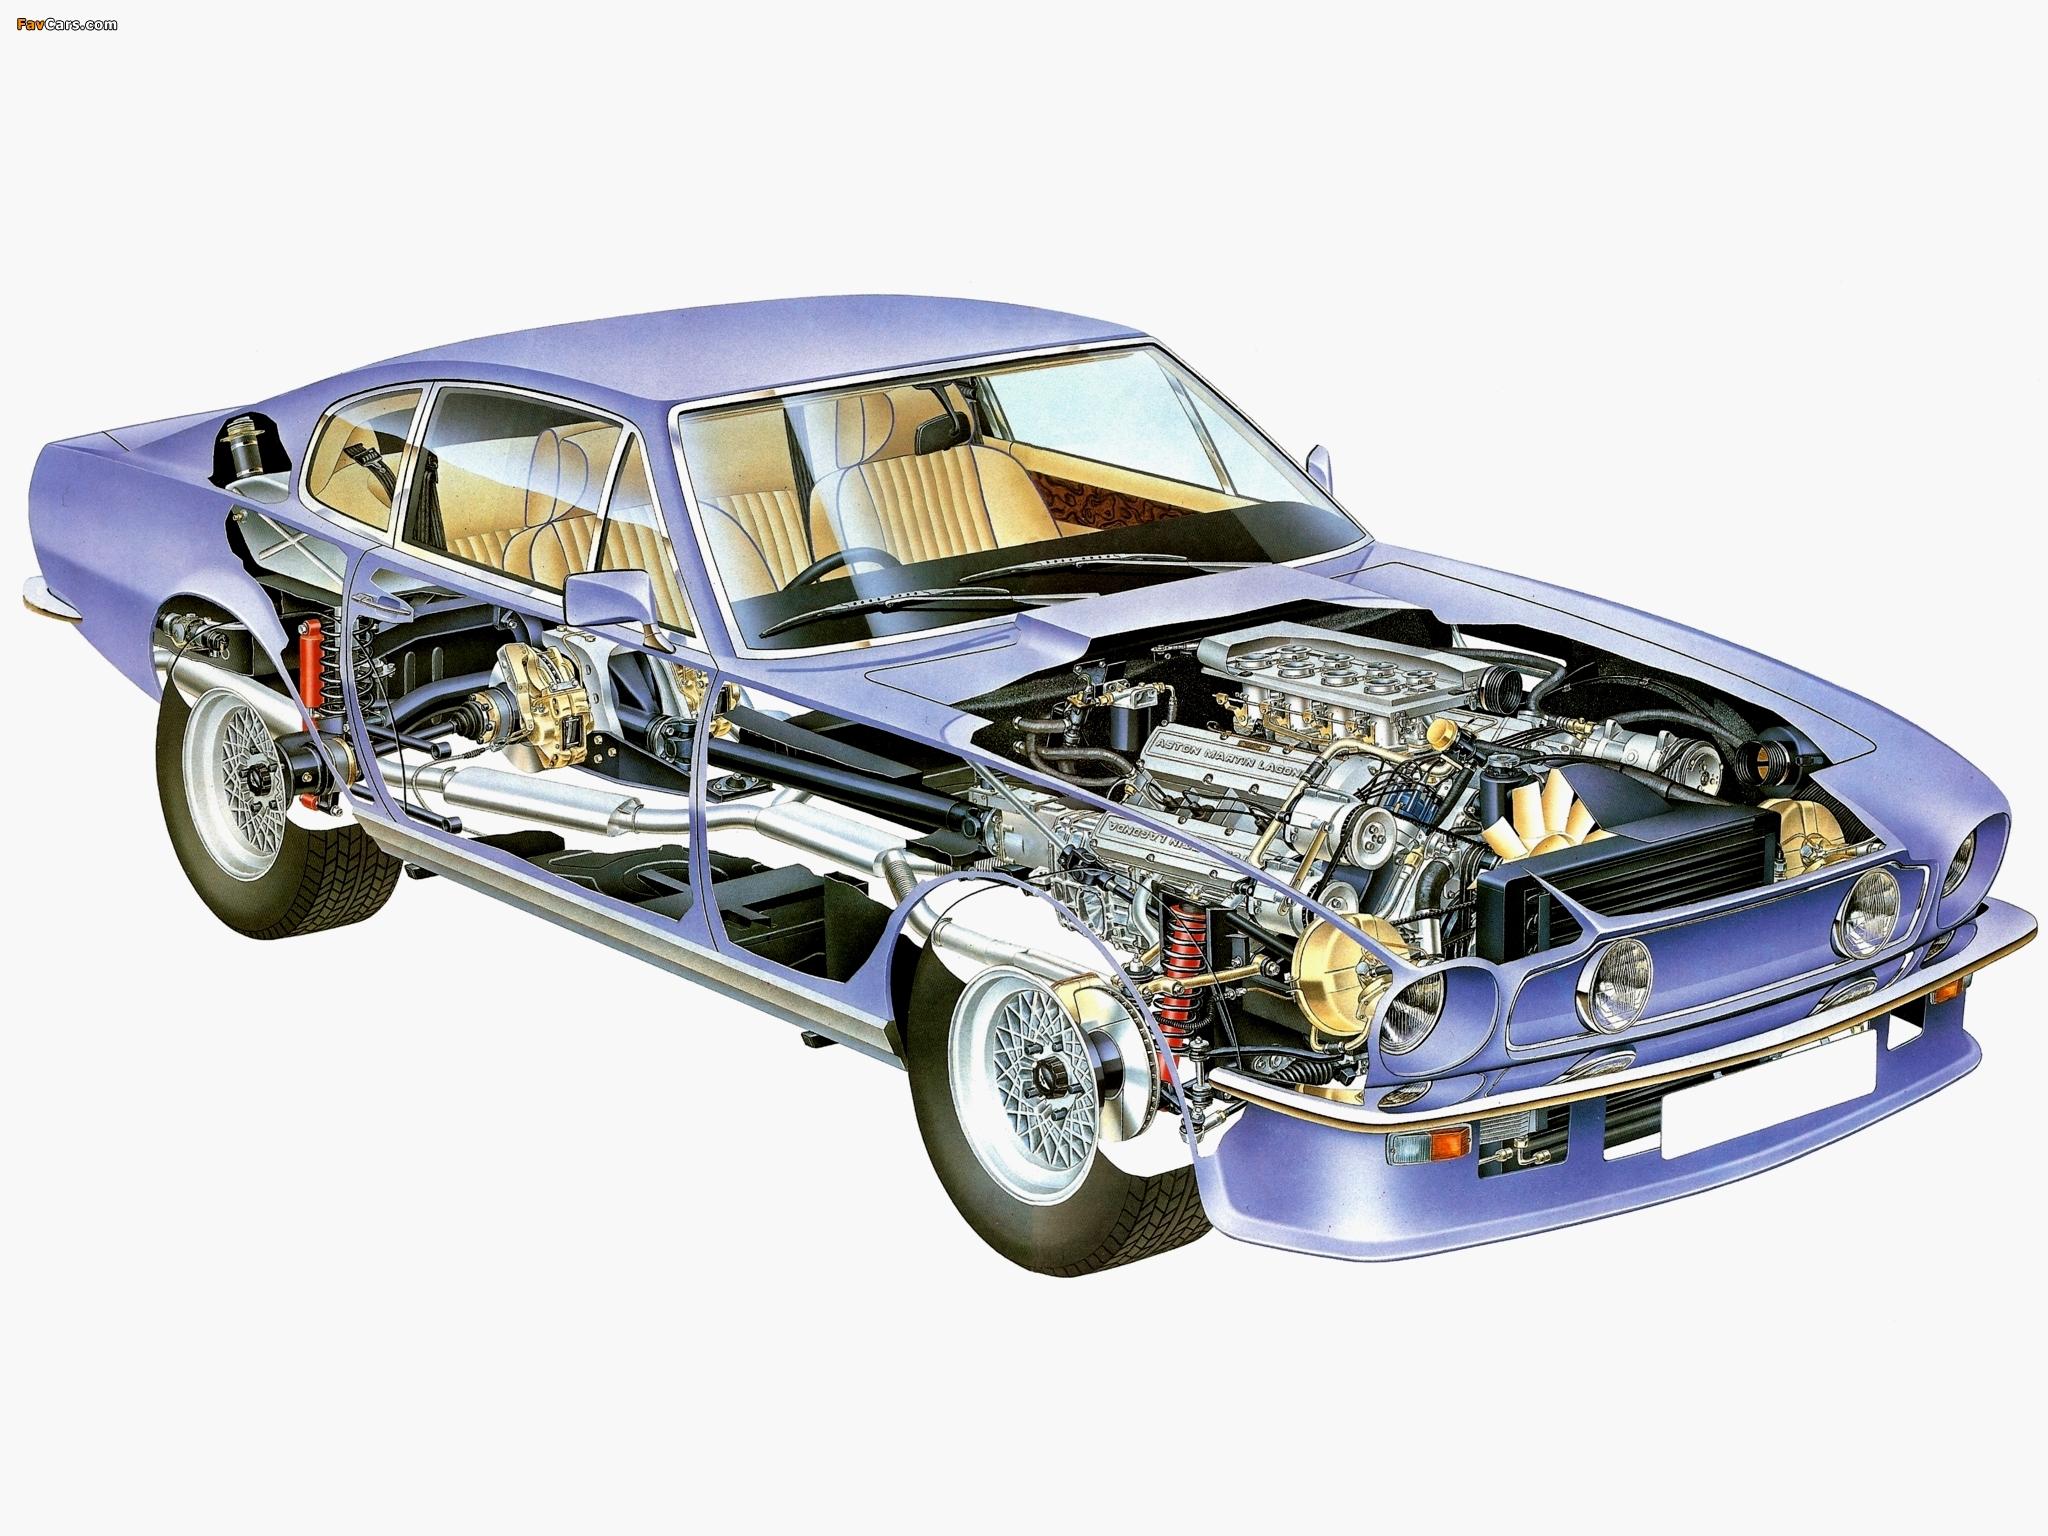 http://img.favcars.com/aston-martin/v8/aston-martin_v8_1977_pictures_2.jpg